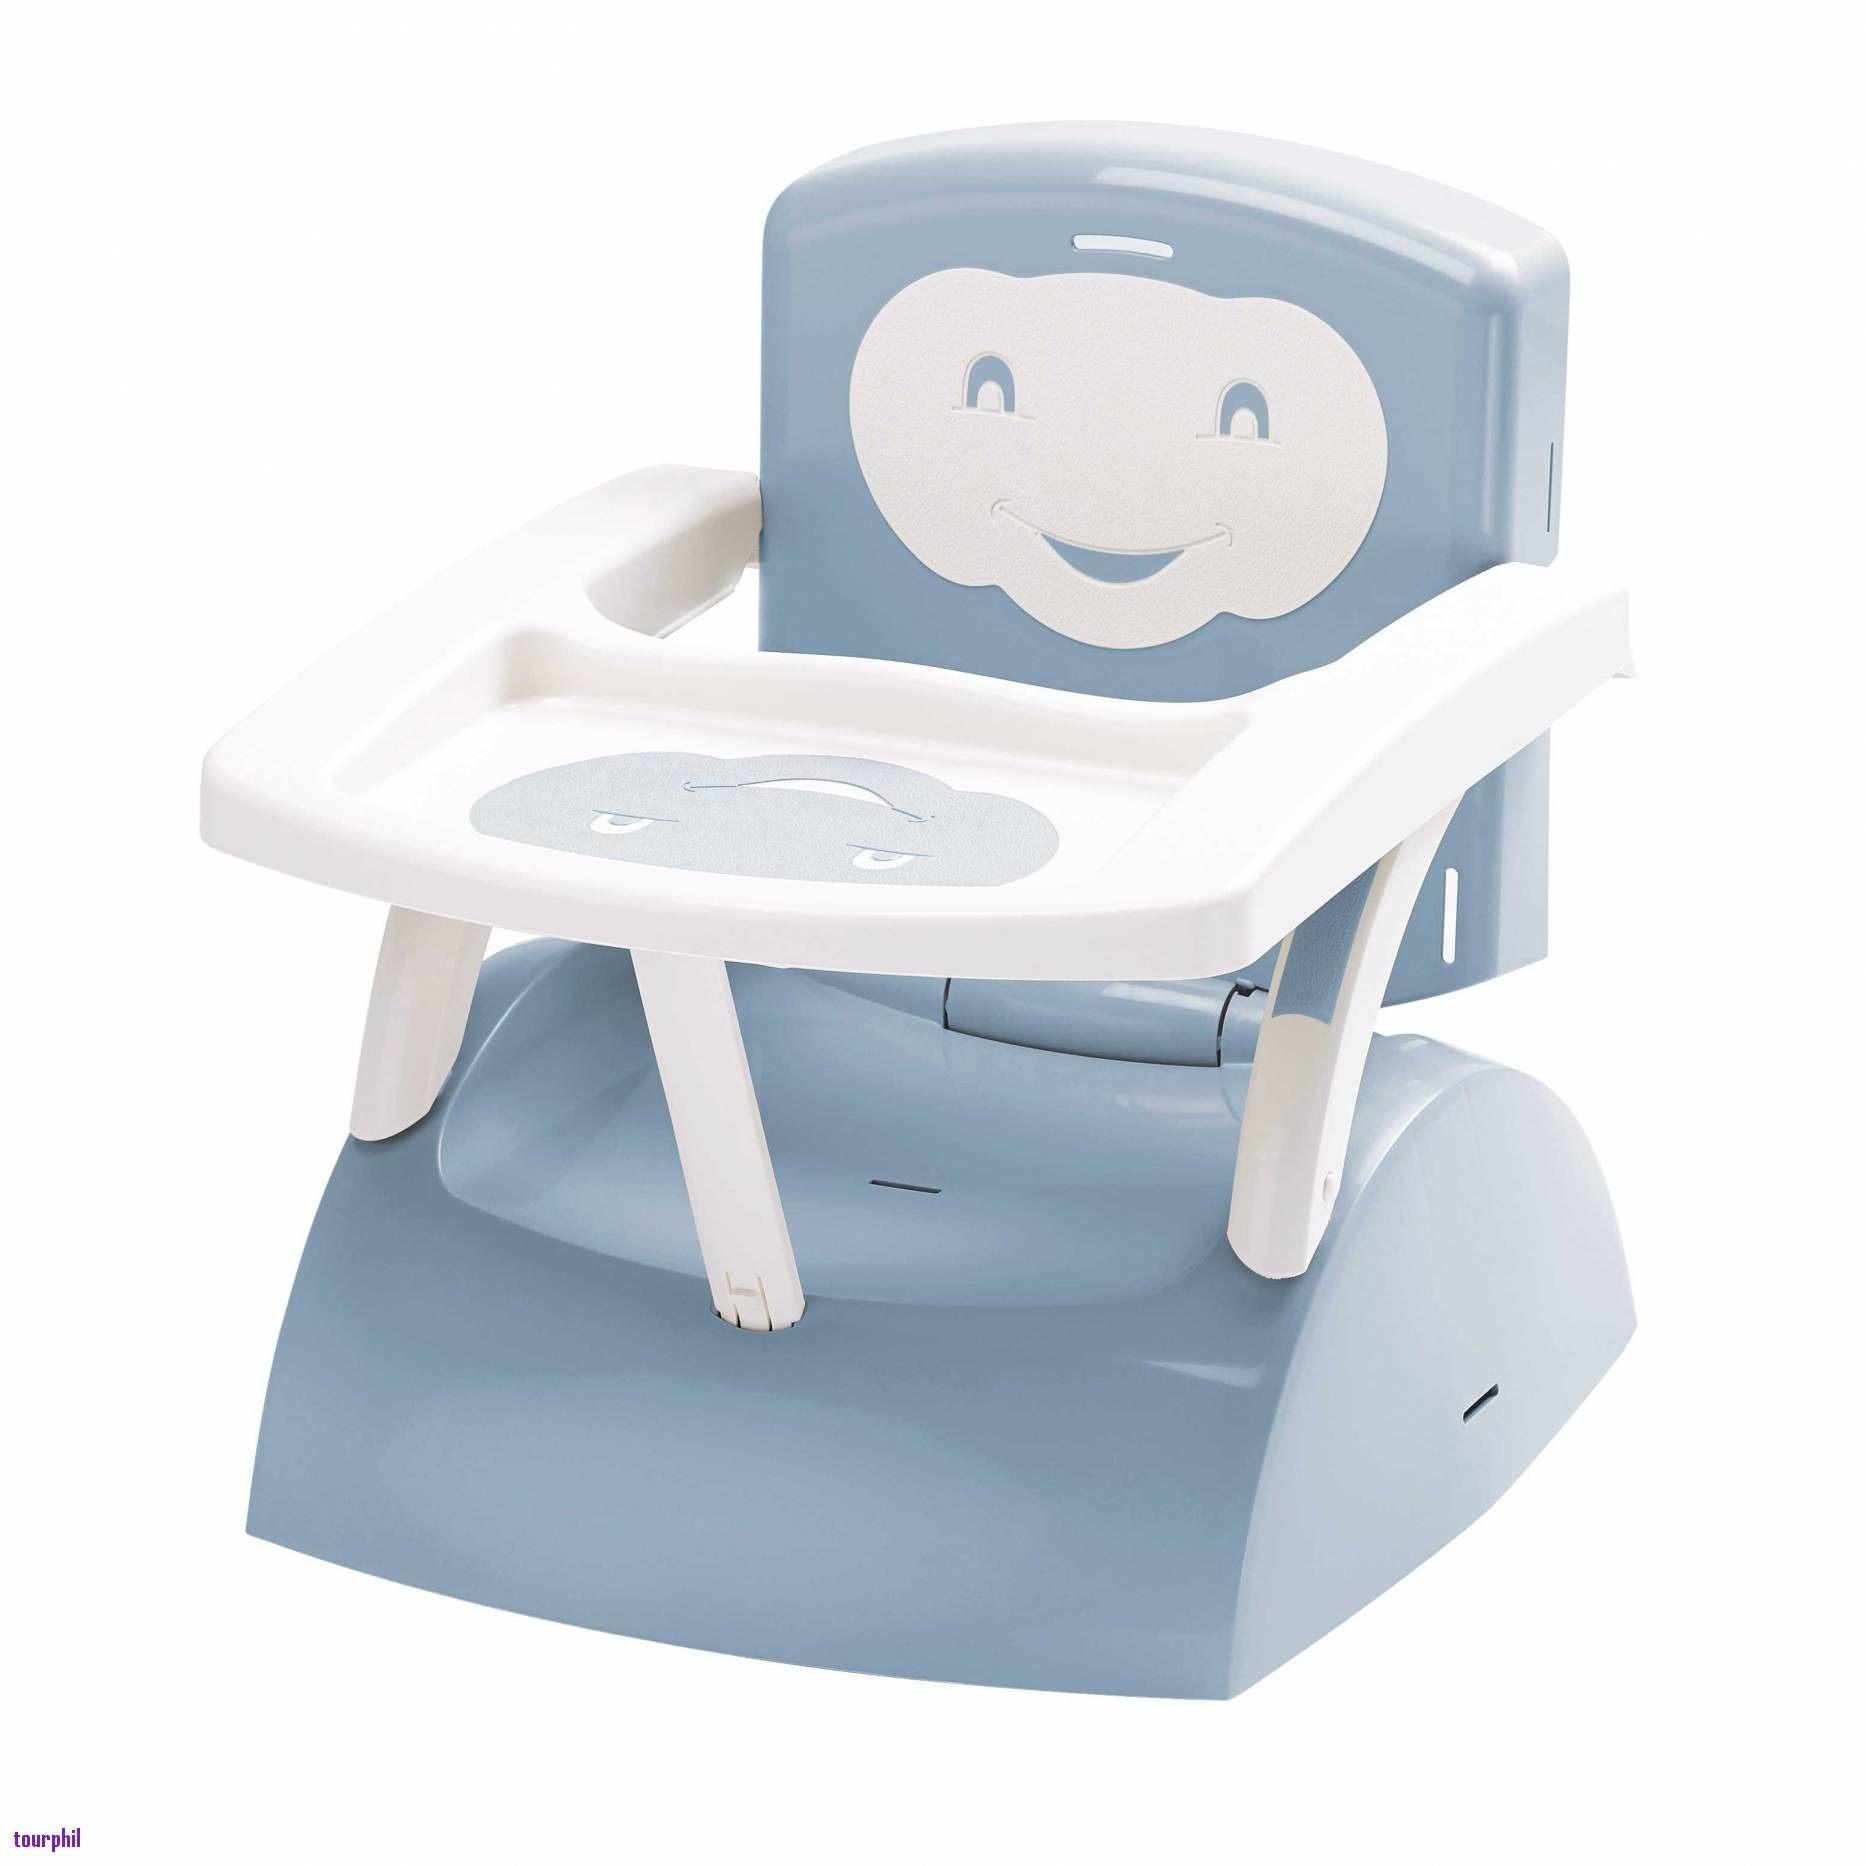 Rehausseur De Lit Ikea Douce Enchantant Chaise Rehausseur Dans Chaise Ikea Bureau Chaise Ikea